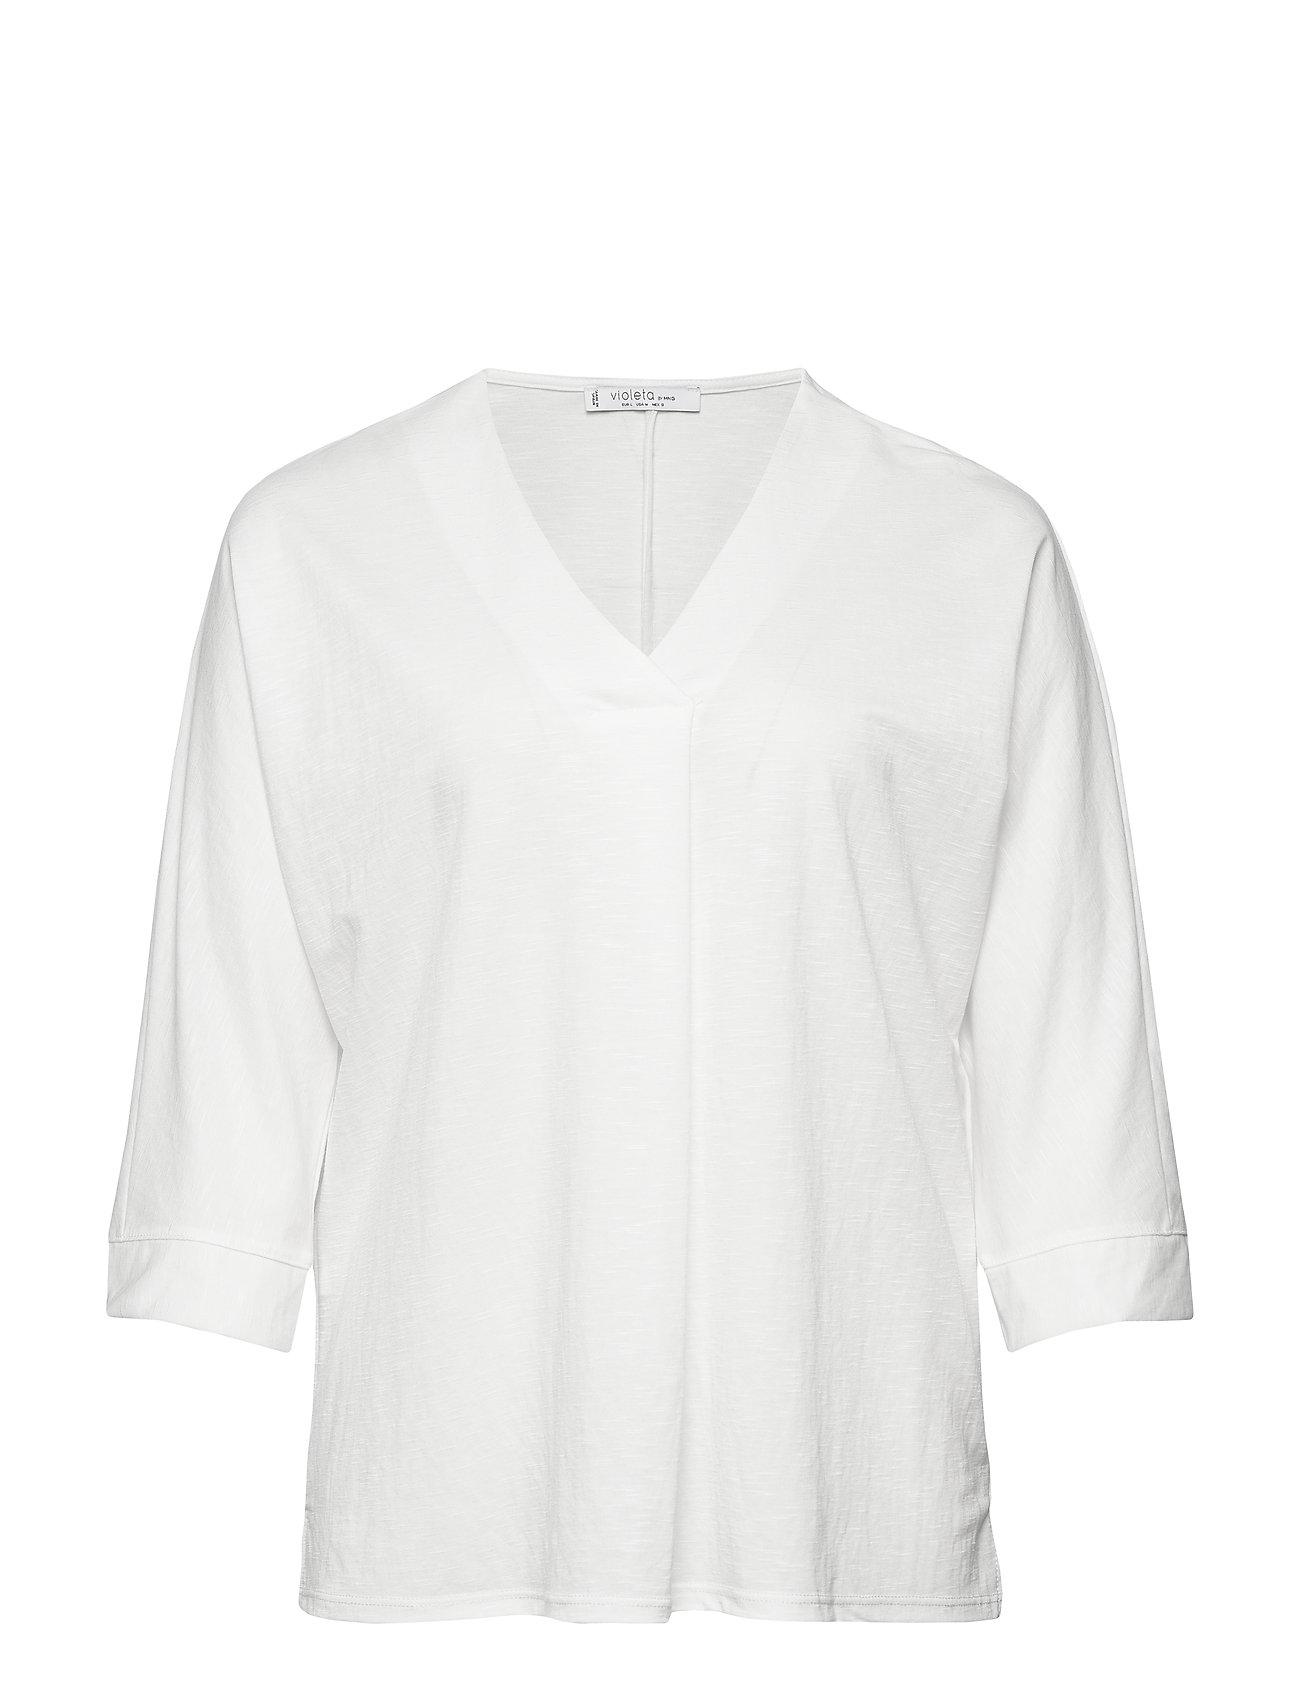 Violeta by Mango V-neck t-shirt - NATURAL WHITE